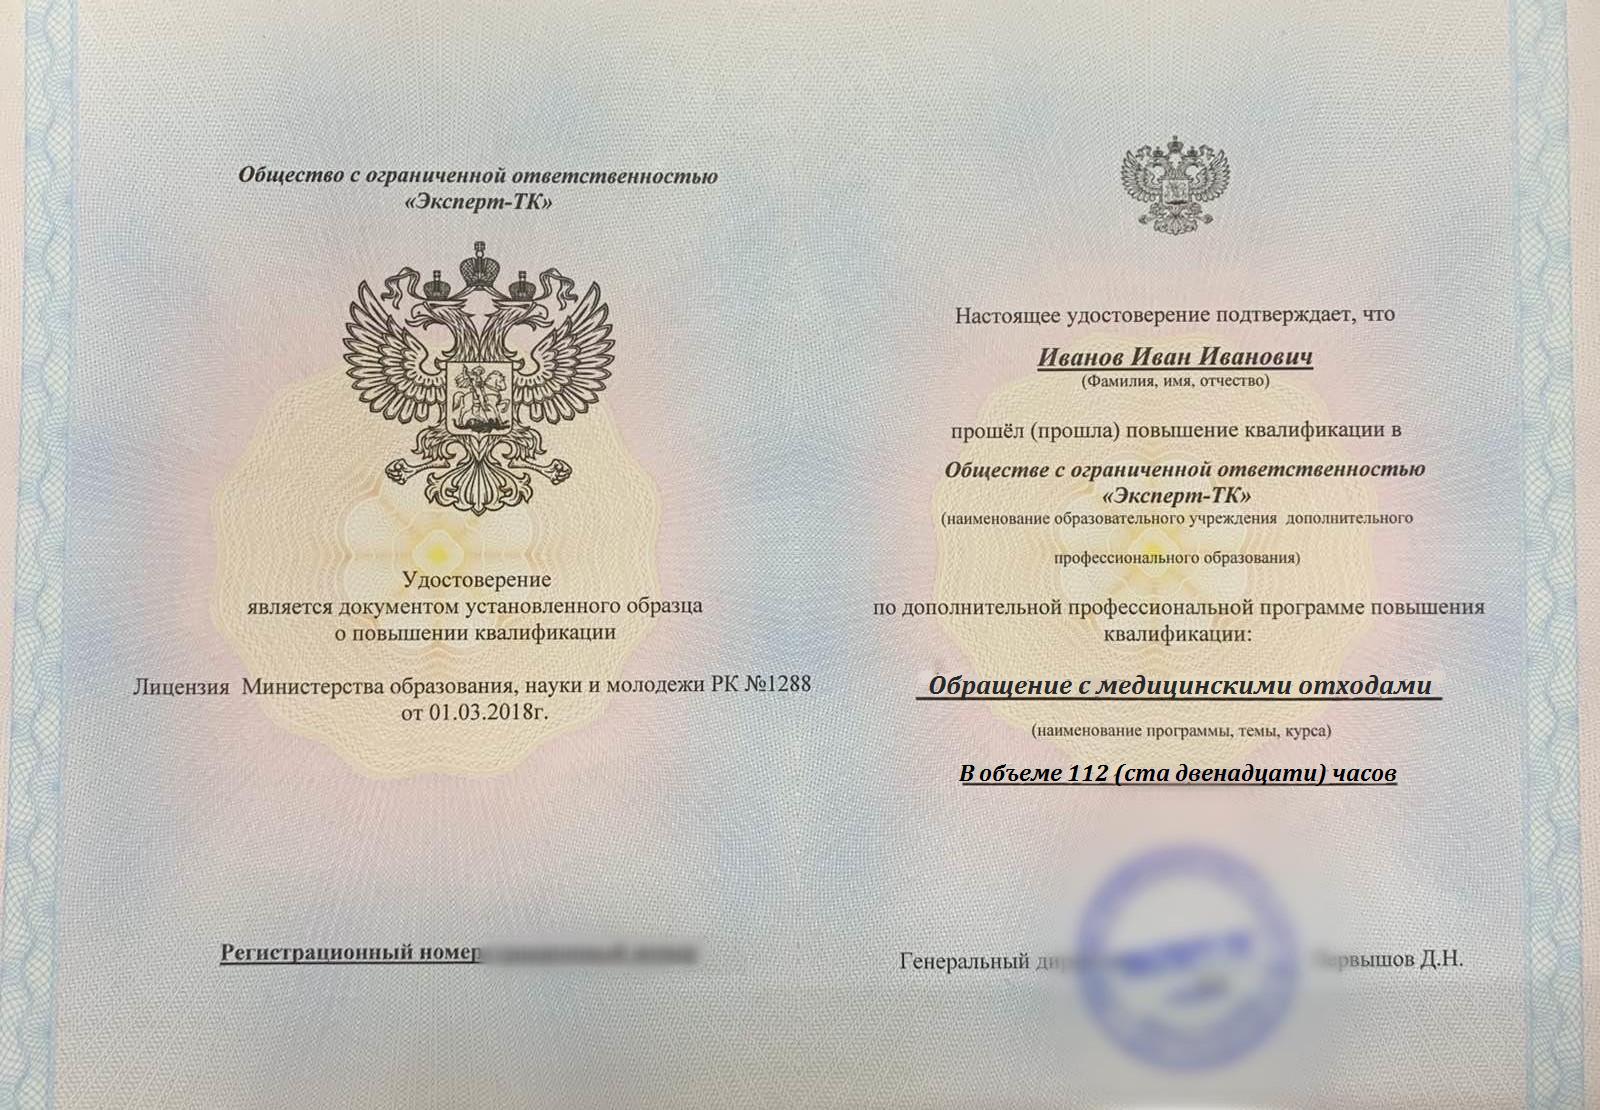 Итоговое удостоверение о повышении квалификации по экологии